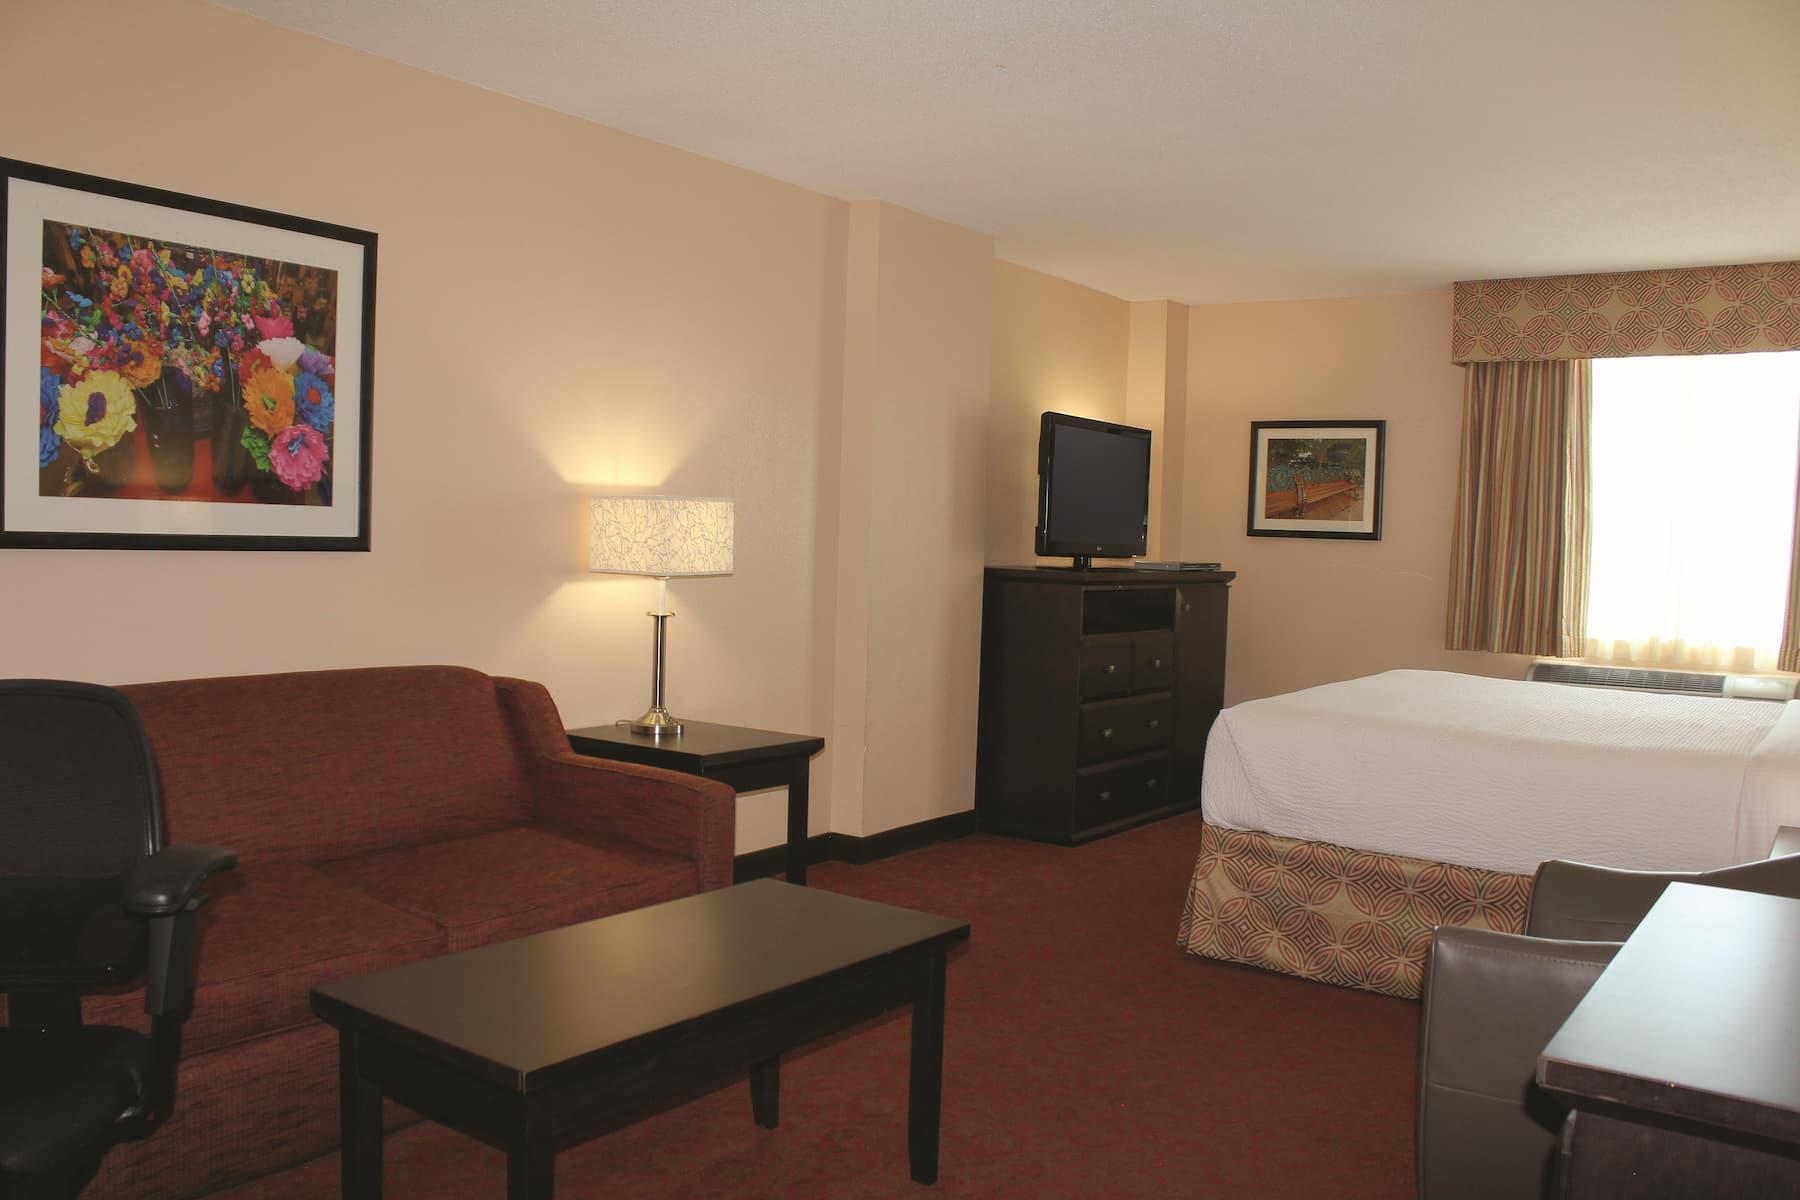 La Quinta Inn Amp Suites By Wyndham San Antonio Medical Ctr